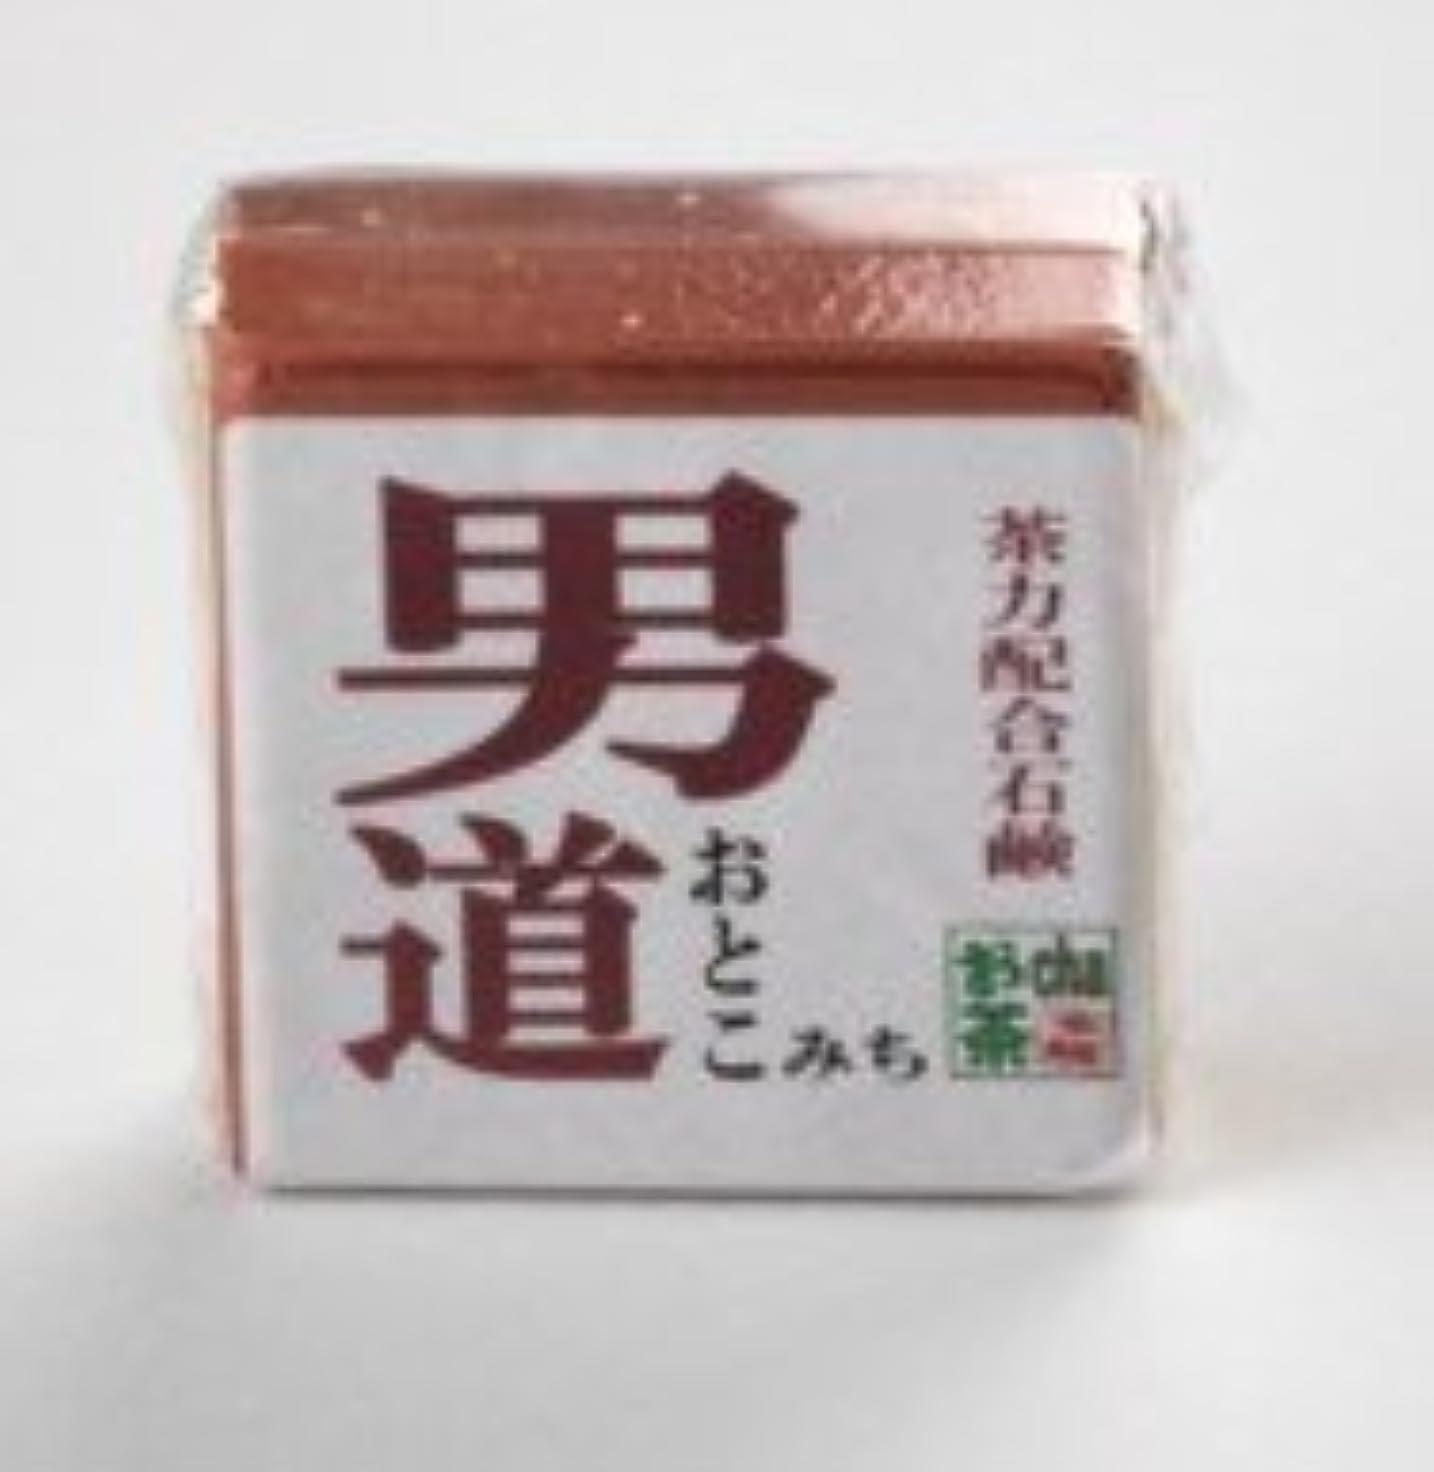 ゲインセイギャラリー請求可能男性用無添加石鹸 『 男 道 』(おとこみち) 115g固形タイプ 抗菌力99.9%の日本初の無添加石鹸